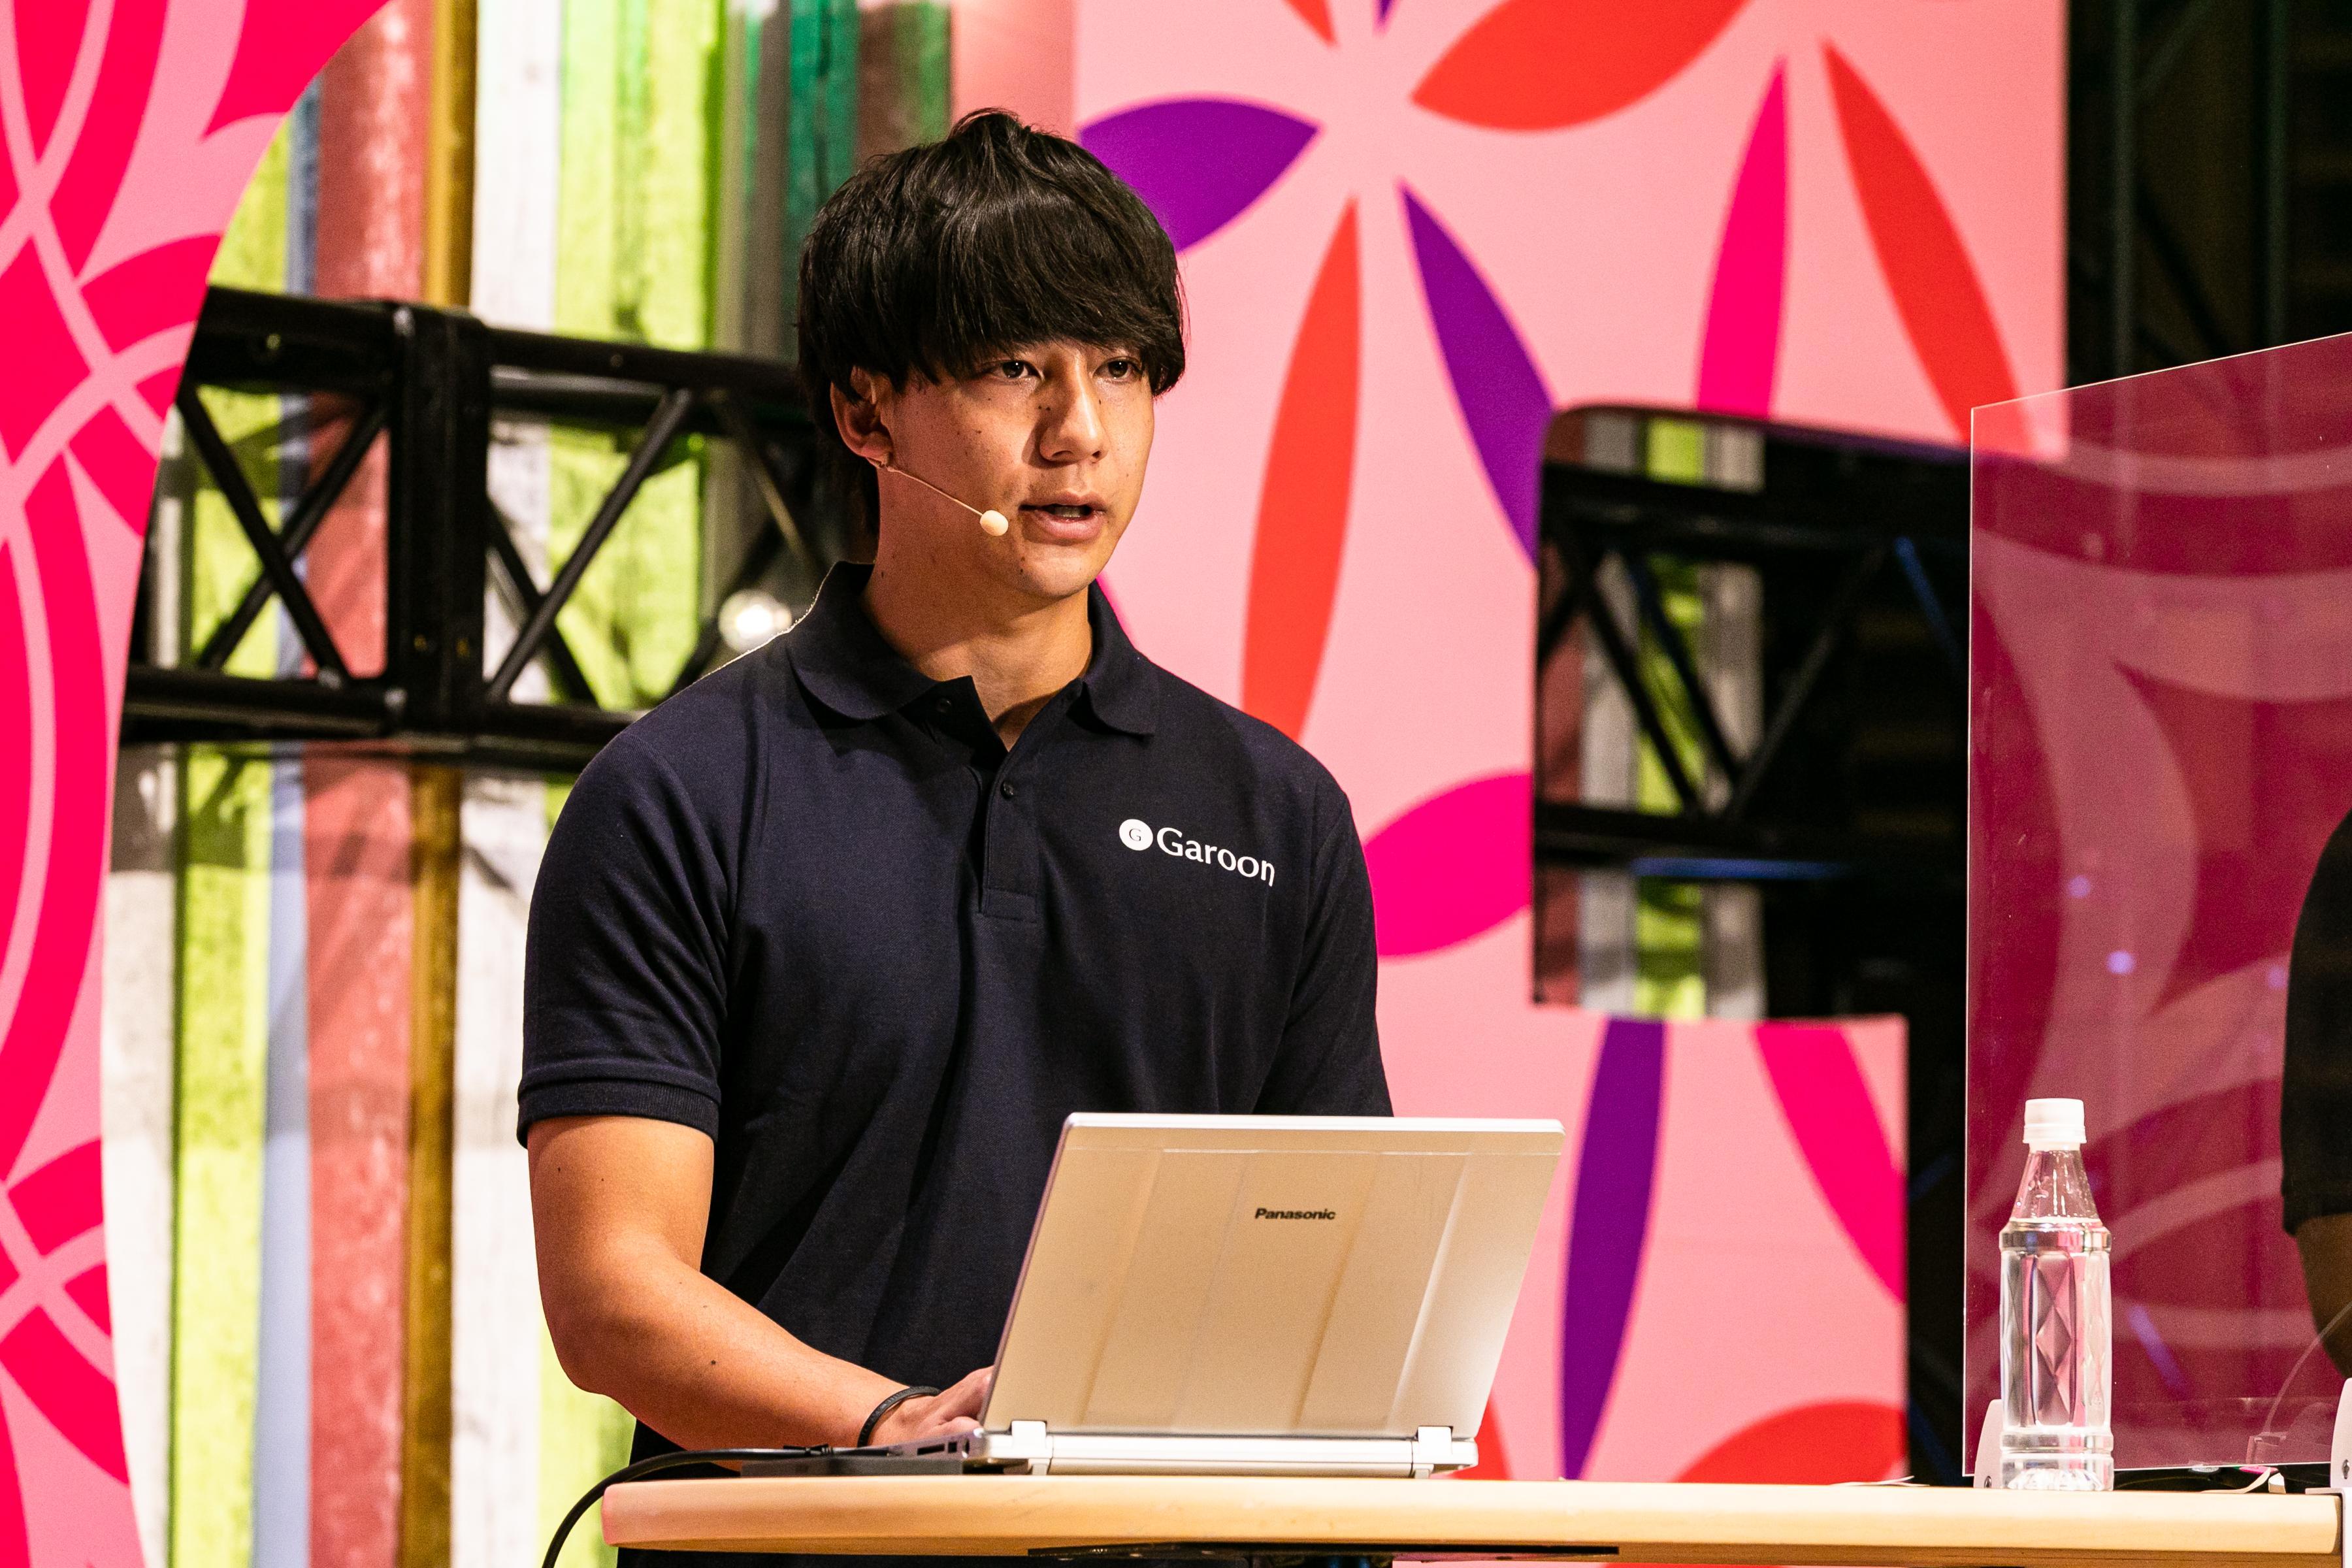 https://enterprise.cybozu.co.jp/6M3A1683.jpg